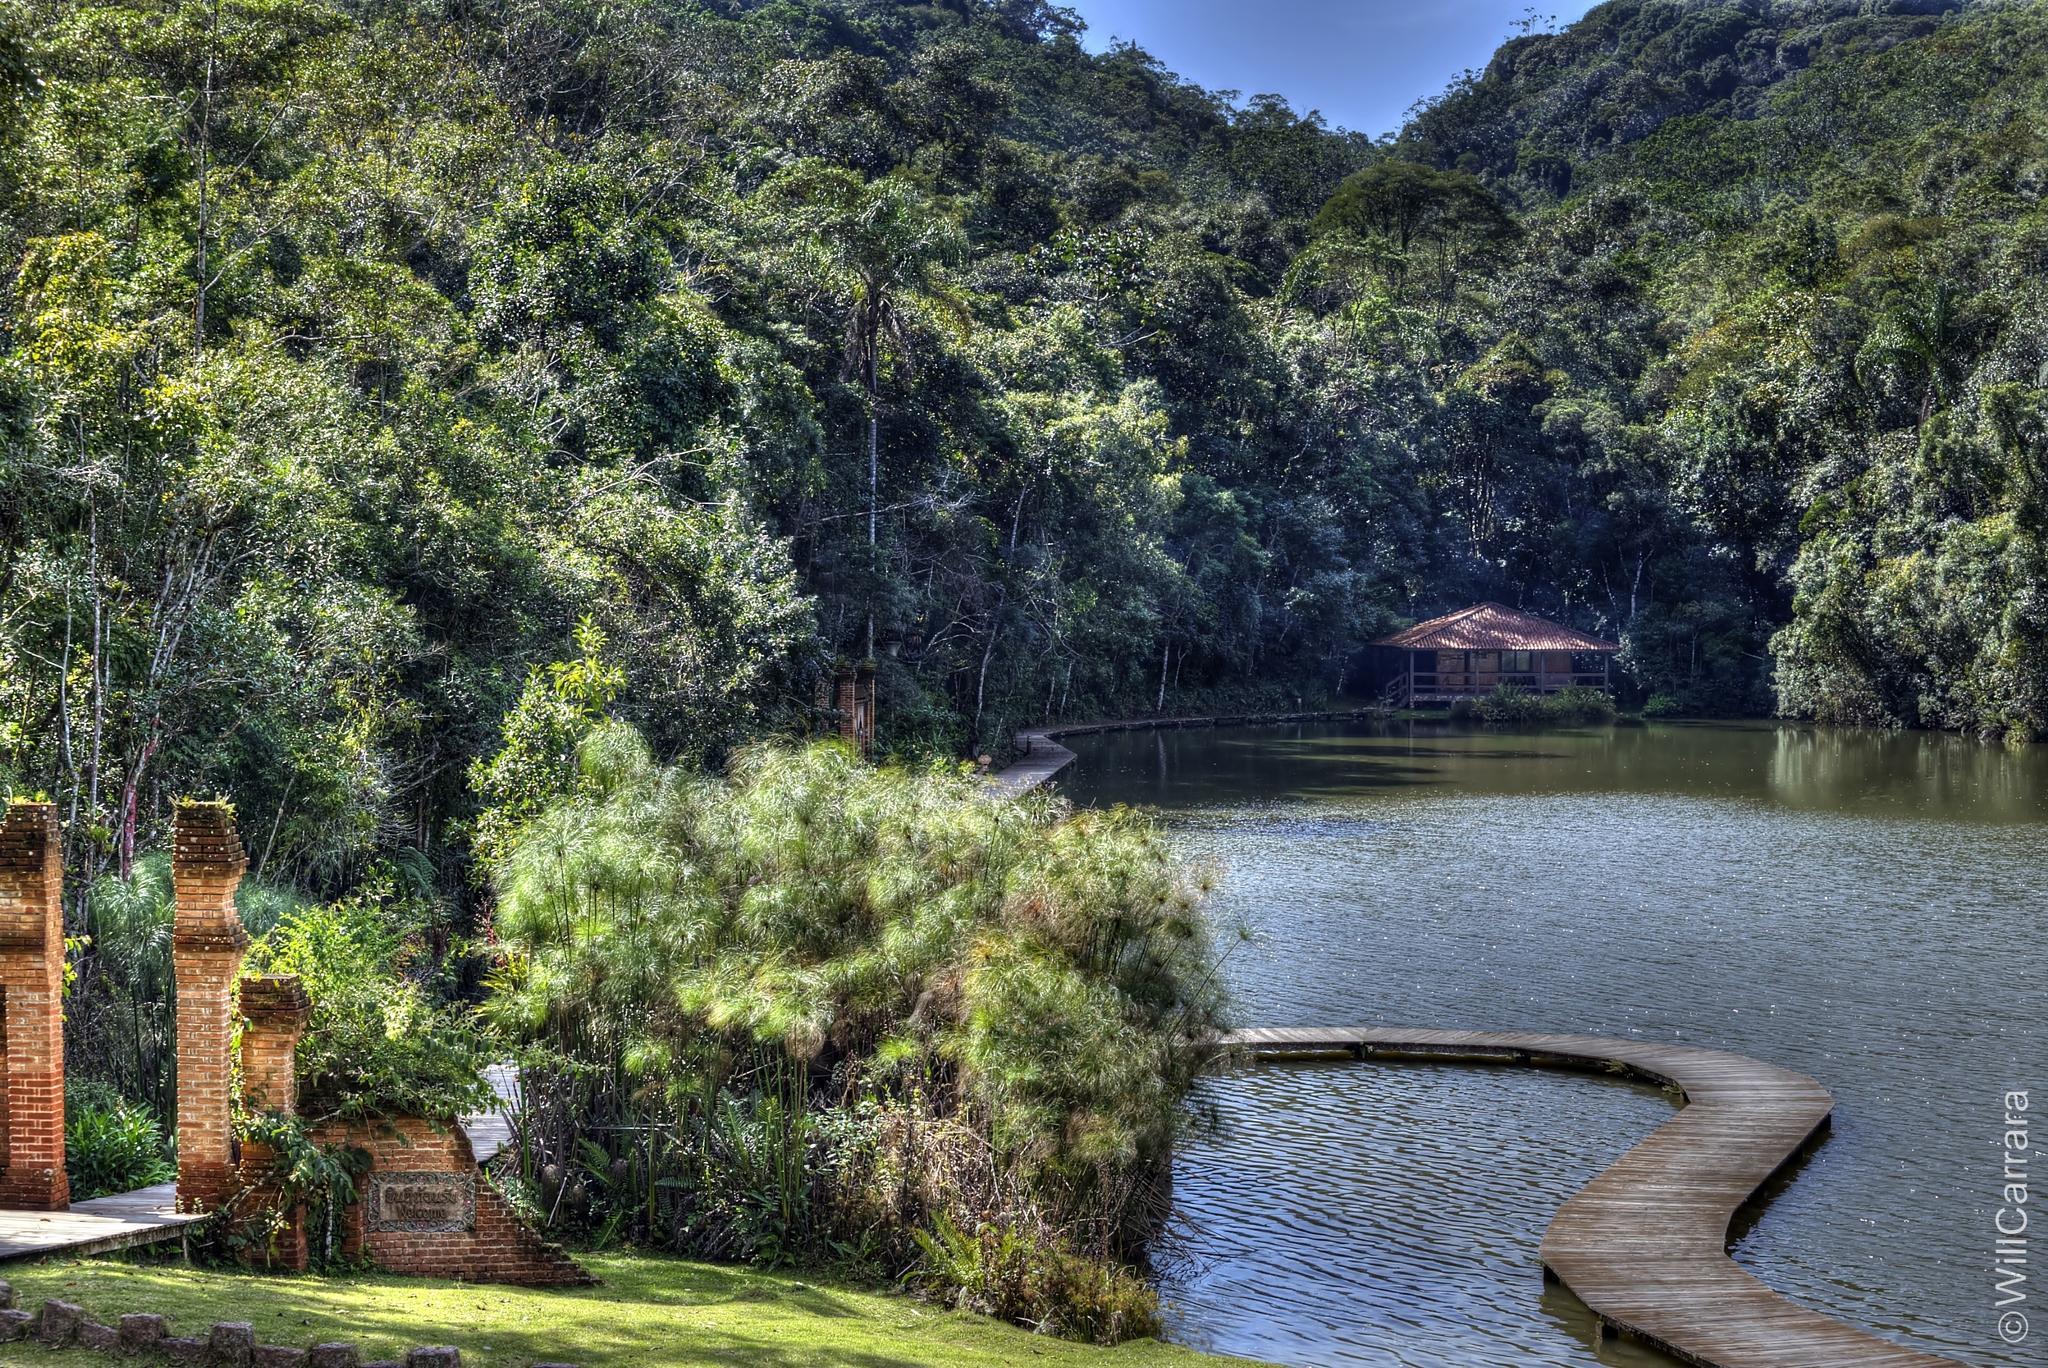 Paraíso Eco Lodge - Ribeirão Grande\SP by Will Carrara Photographer